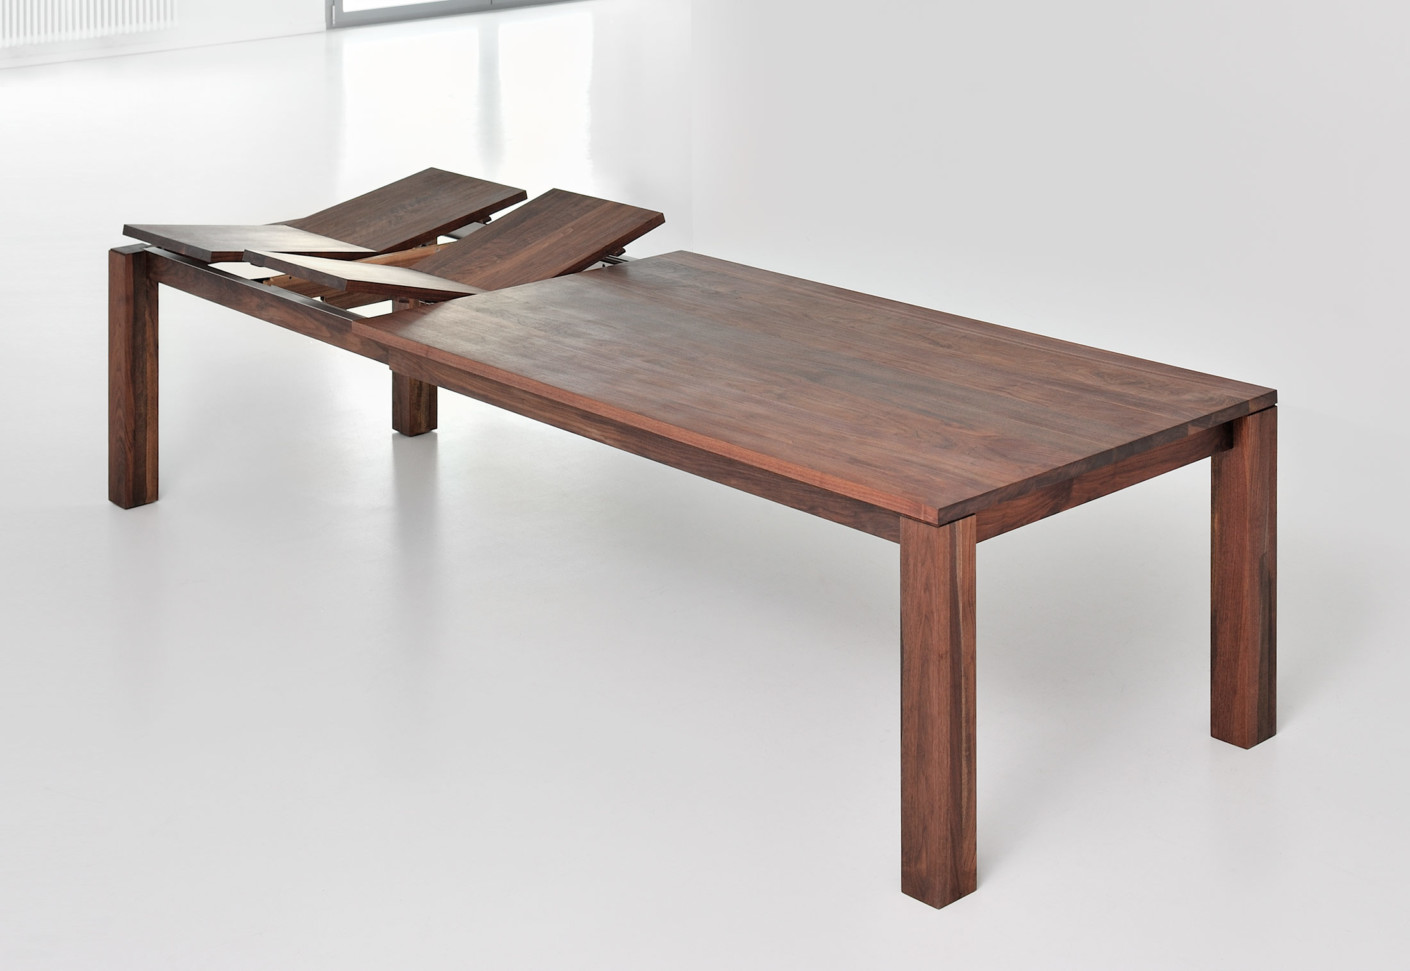 Living tisch von vitamin design stylepark for Tisch living vitamin design